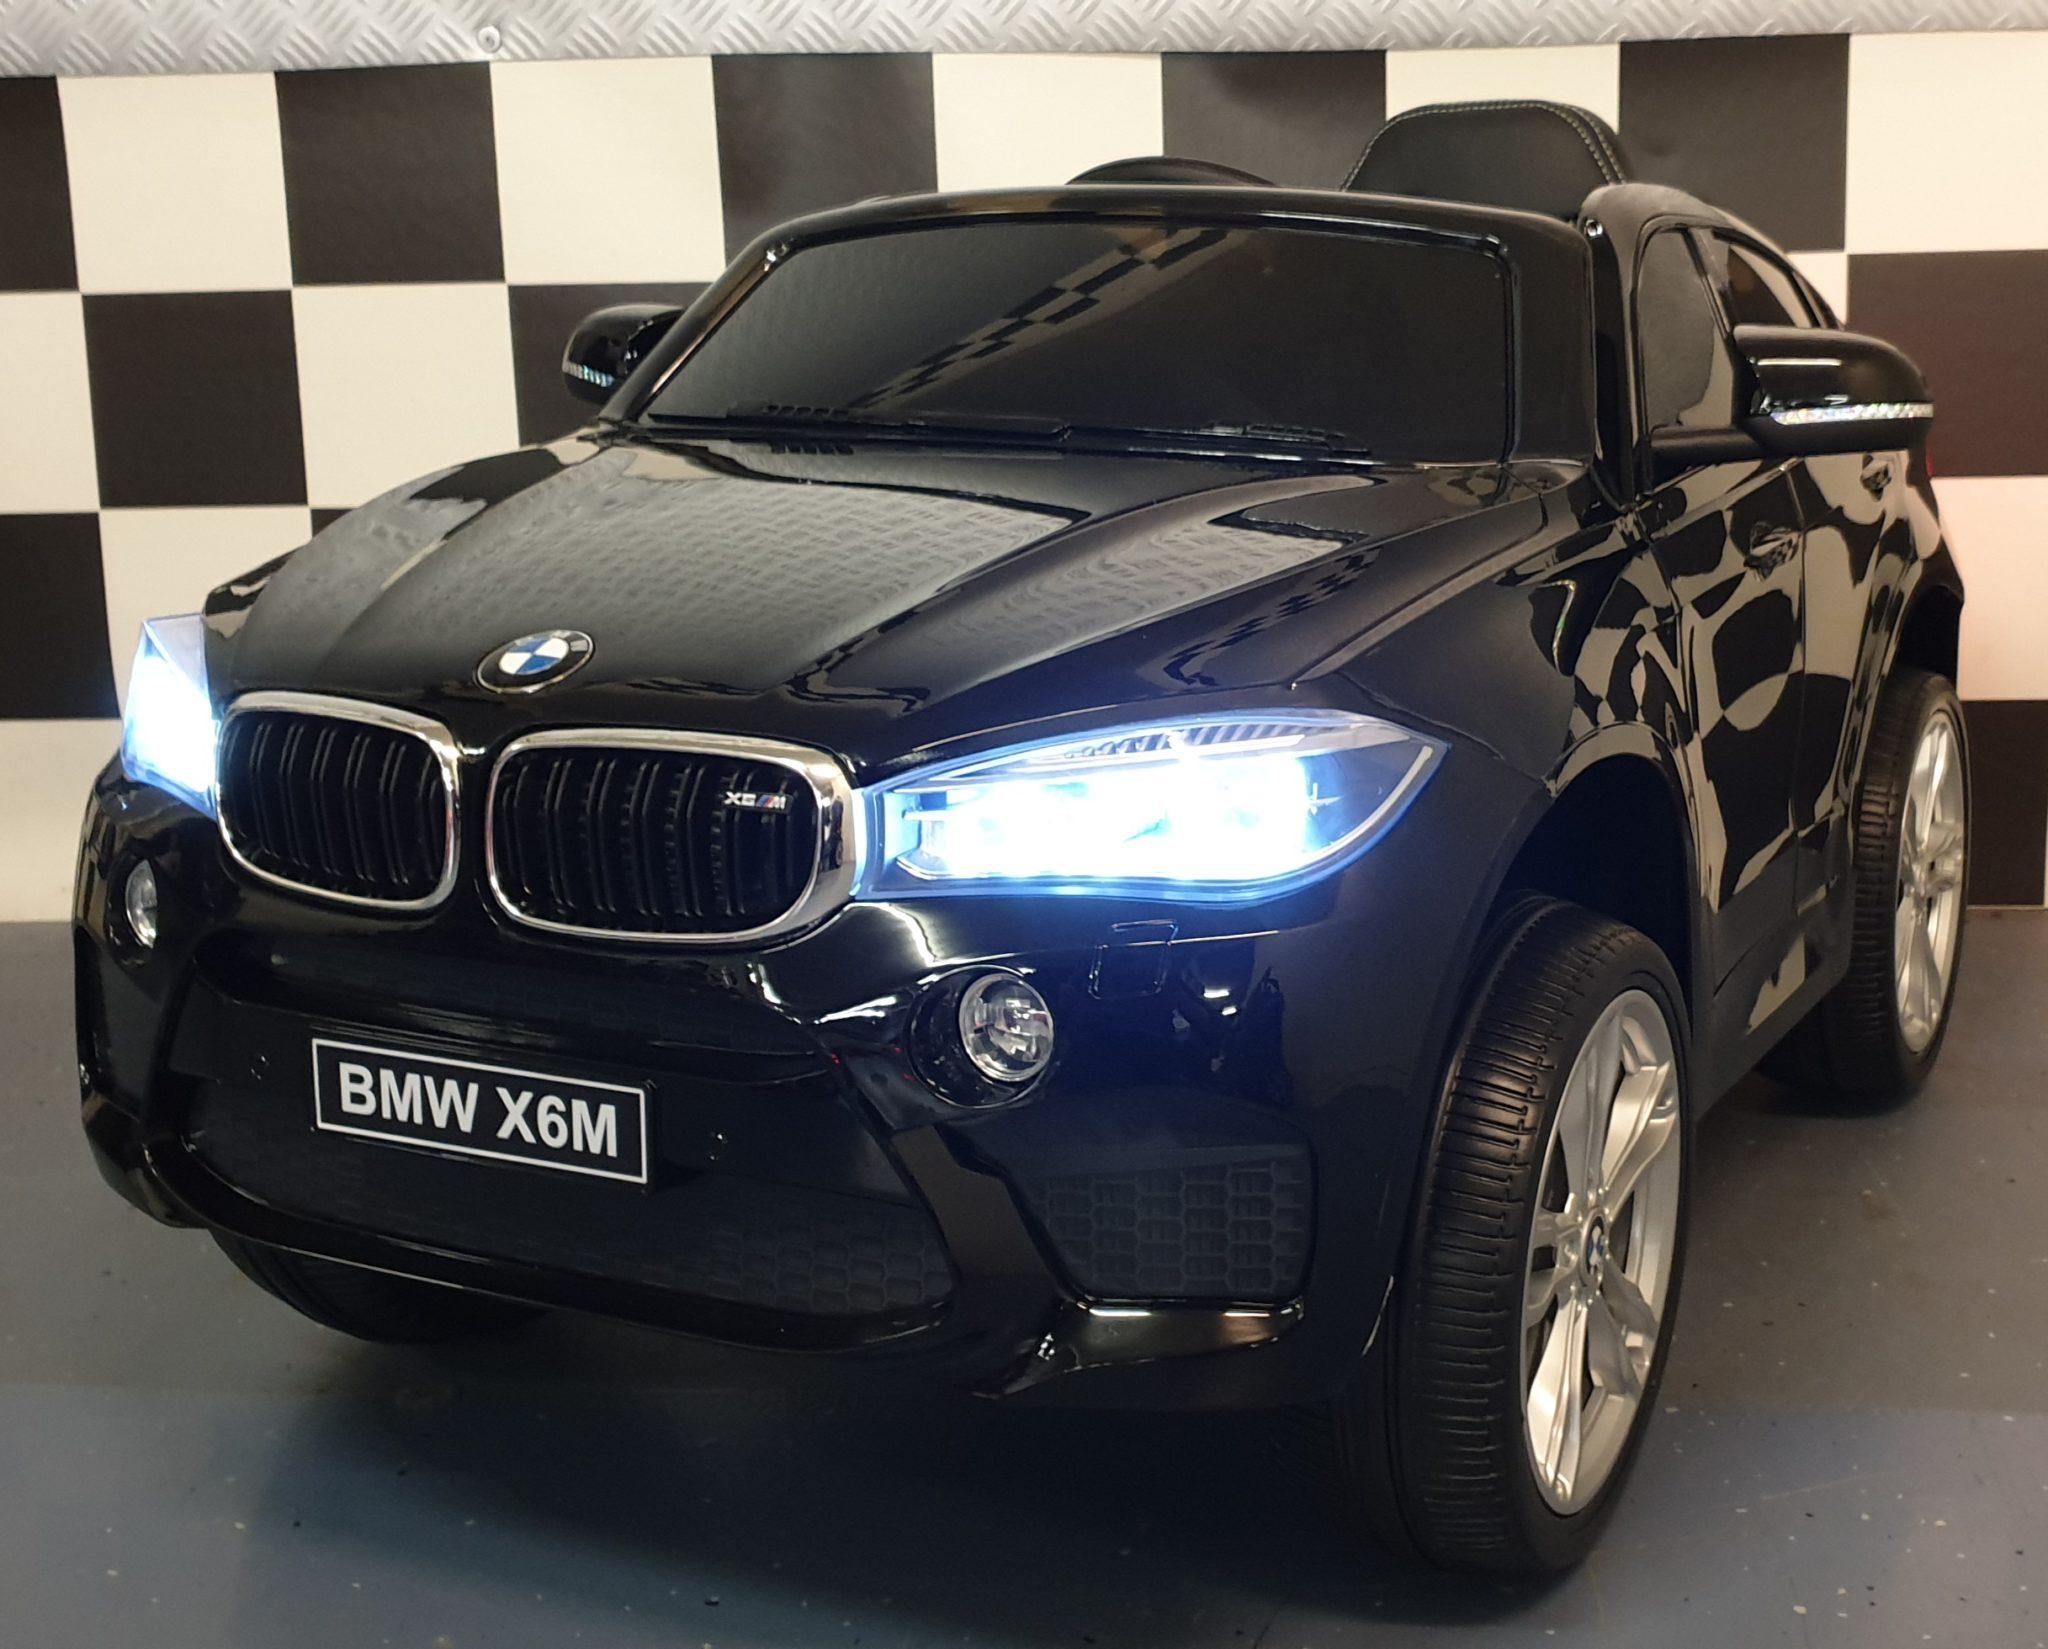 Kinder accu speelgoedauto BMW X6 M Zwart 12V 2.4G afstandbediening soft start